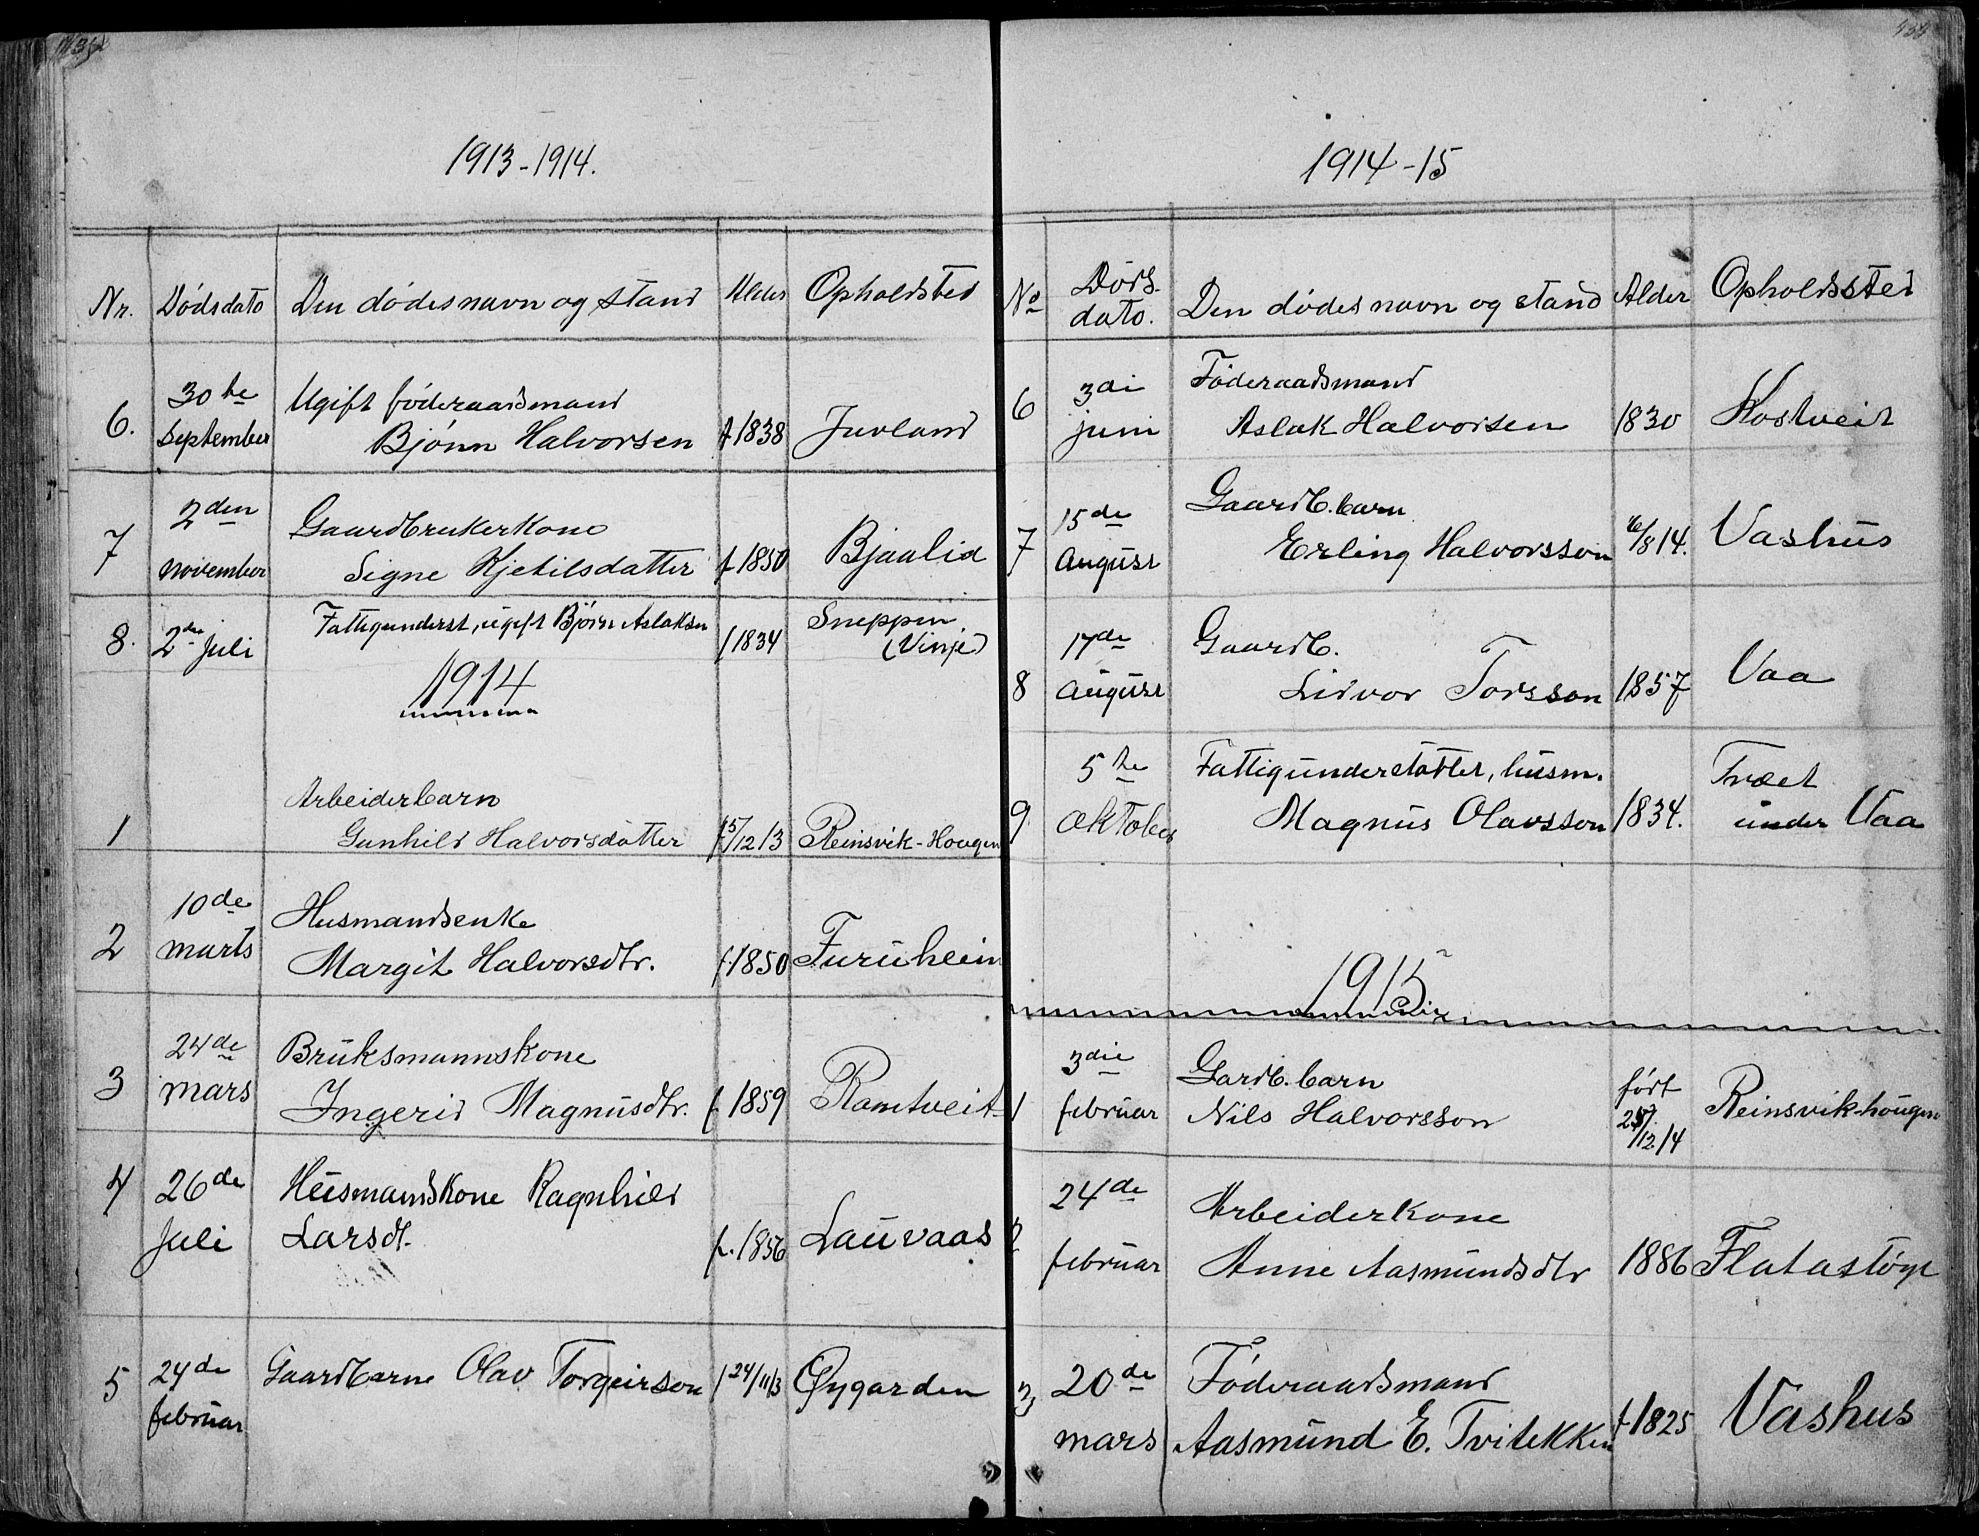 SAKO, Rauland kirkebøker, G/Ga/L0002: Klokkerbok nr. I 2, 1849-1935, s. 433-434